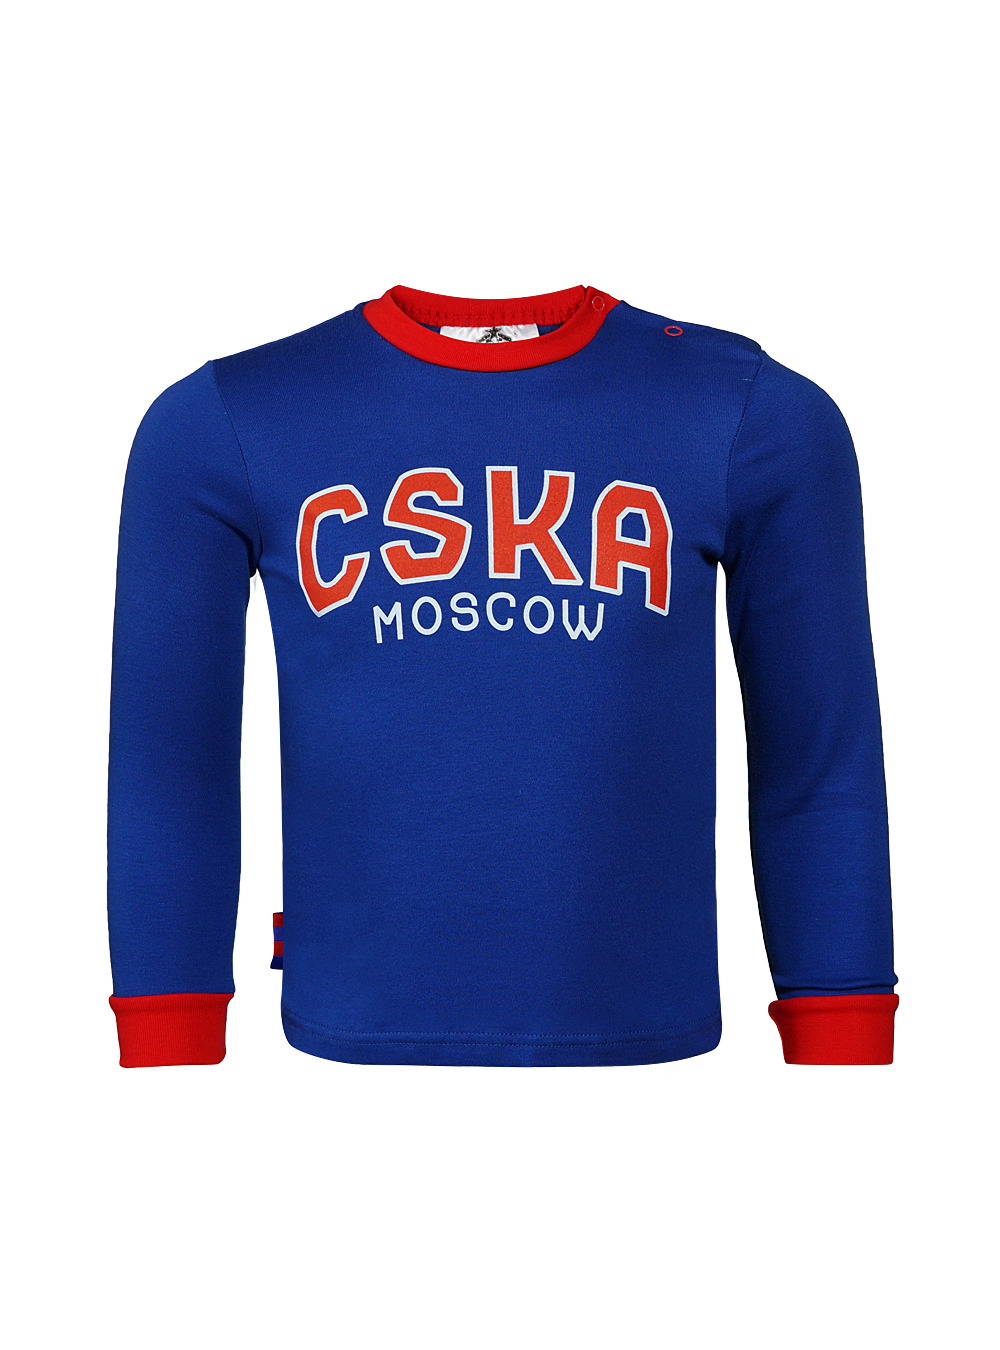 Купить Футболка с длинным рукавом CSKA Moscow синяя (92) по Нижнему Новгороду